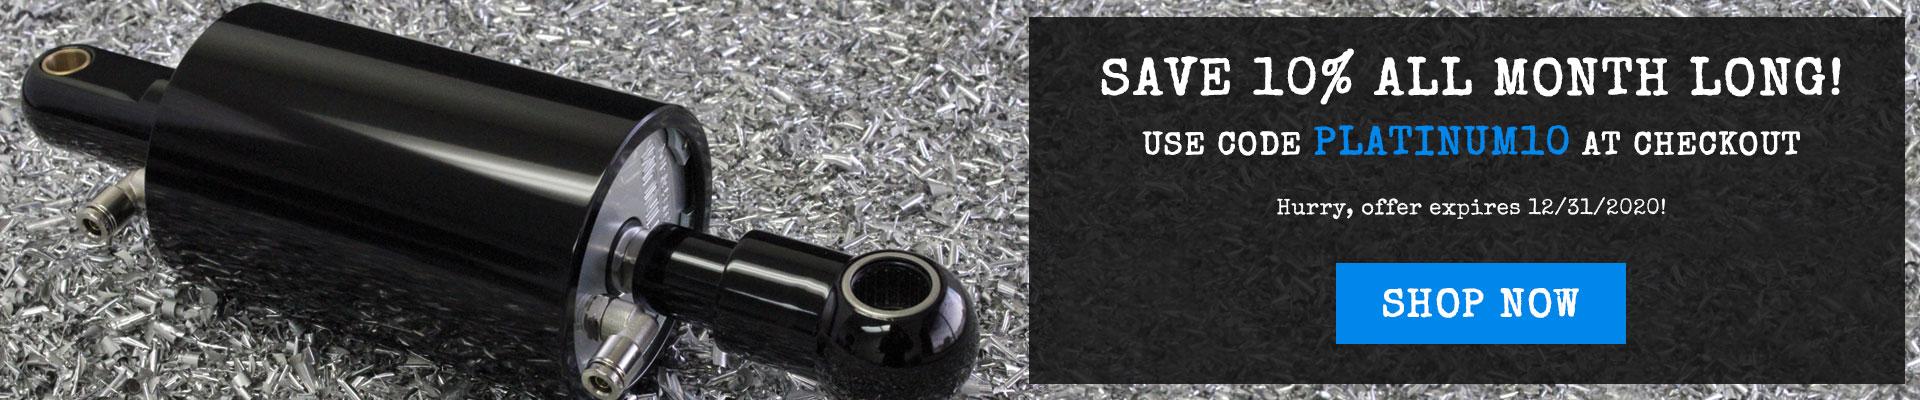 Save 10% Through December - Shop Now